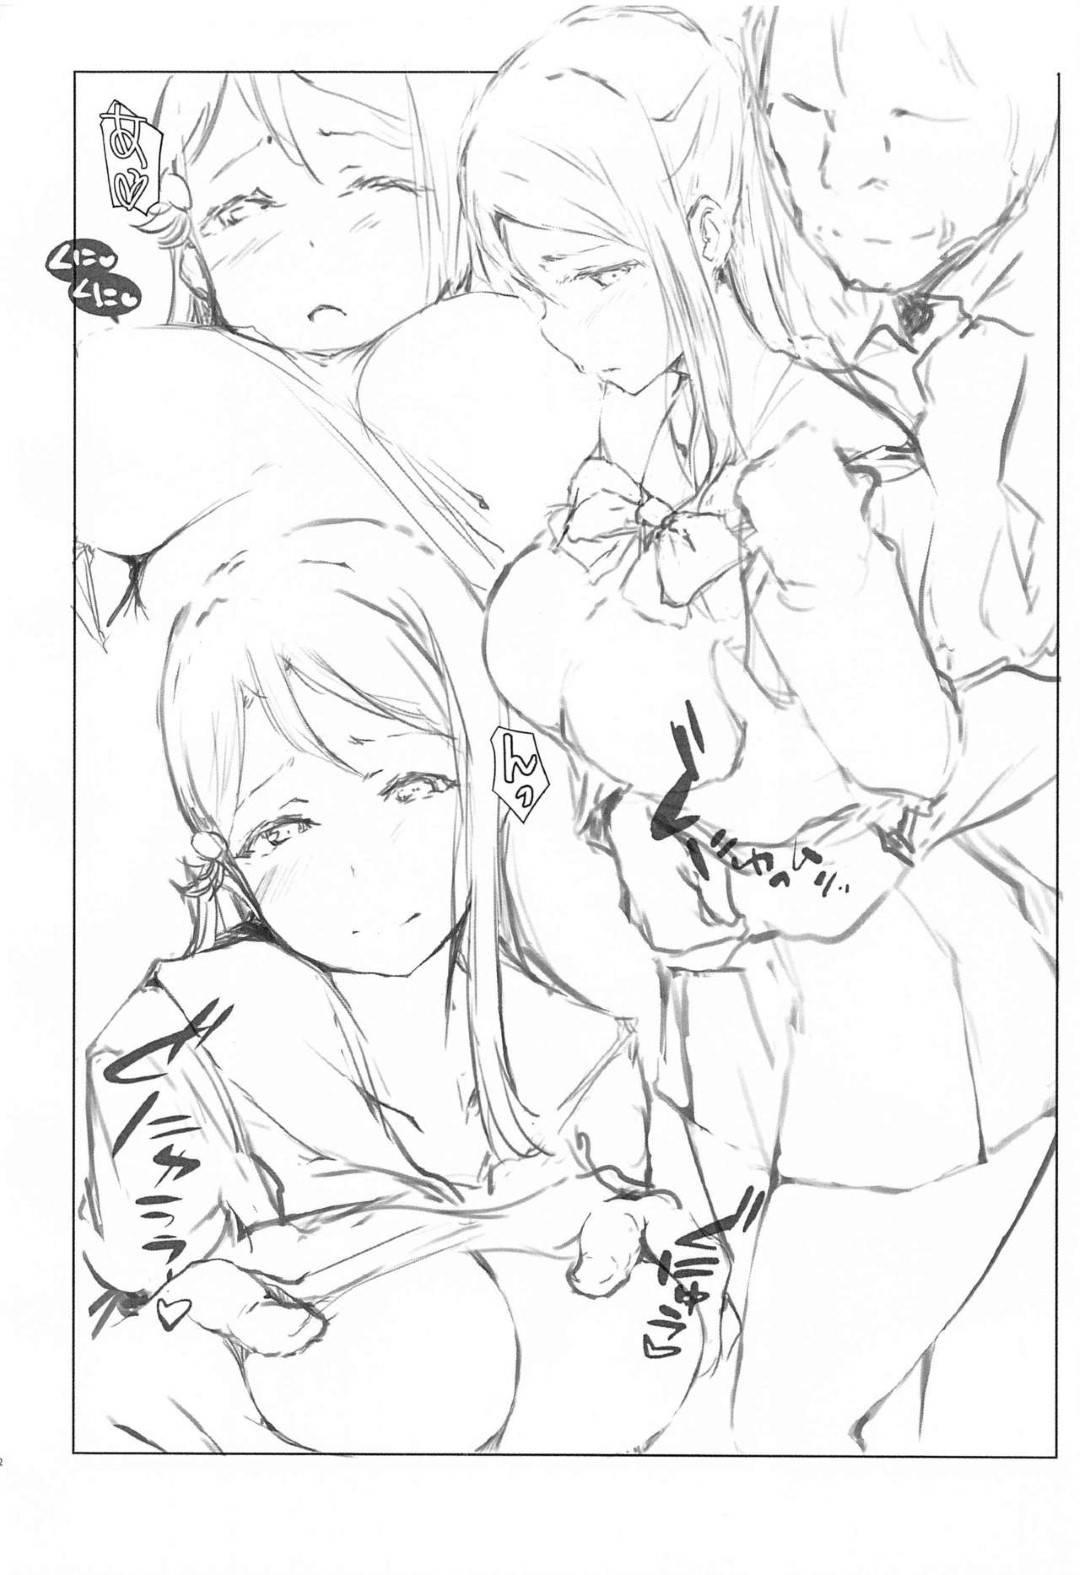 【エロ漫画】【エロ漫画】あらゆる場所で性を売り続けるJK...電車で始発から終点まで何人とでもヤリ続け、路上では老若男女問わず誰にでもヤラれる【ごん。:梨子と一緒にヤリたい7つの事】